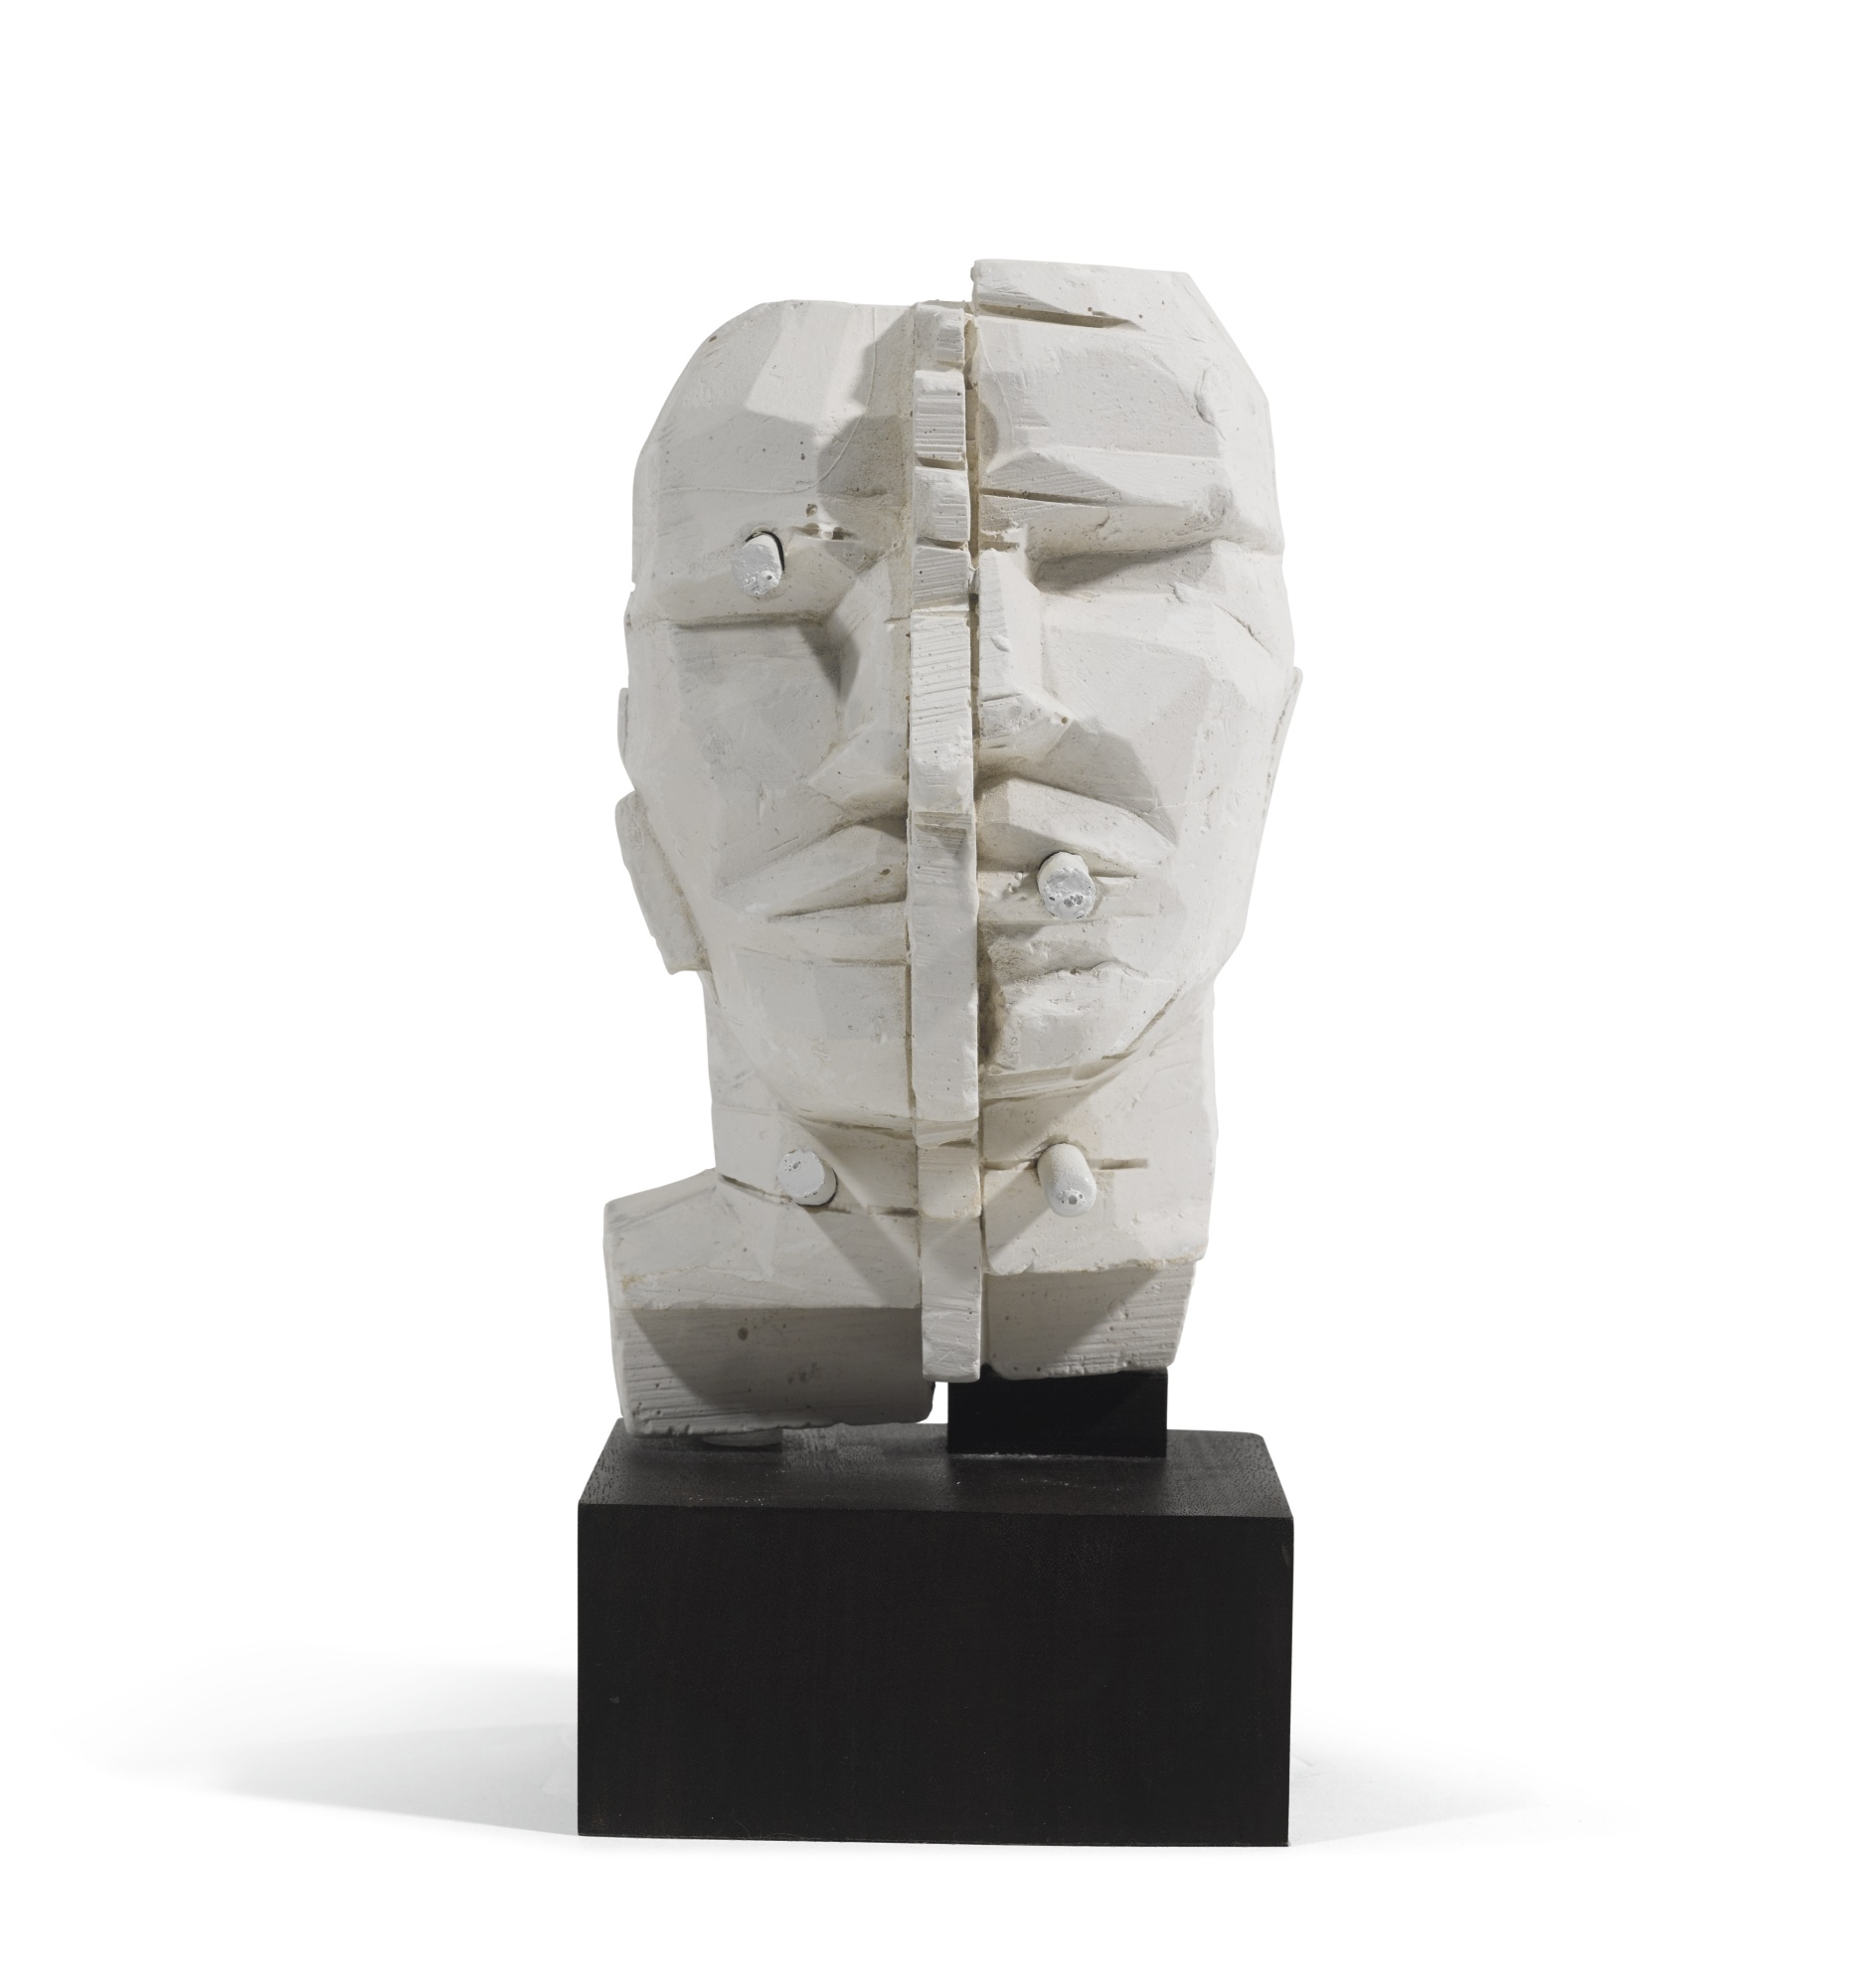 Eduardo Paolozzi-Mondrian Head-1990